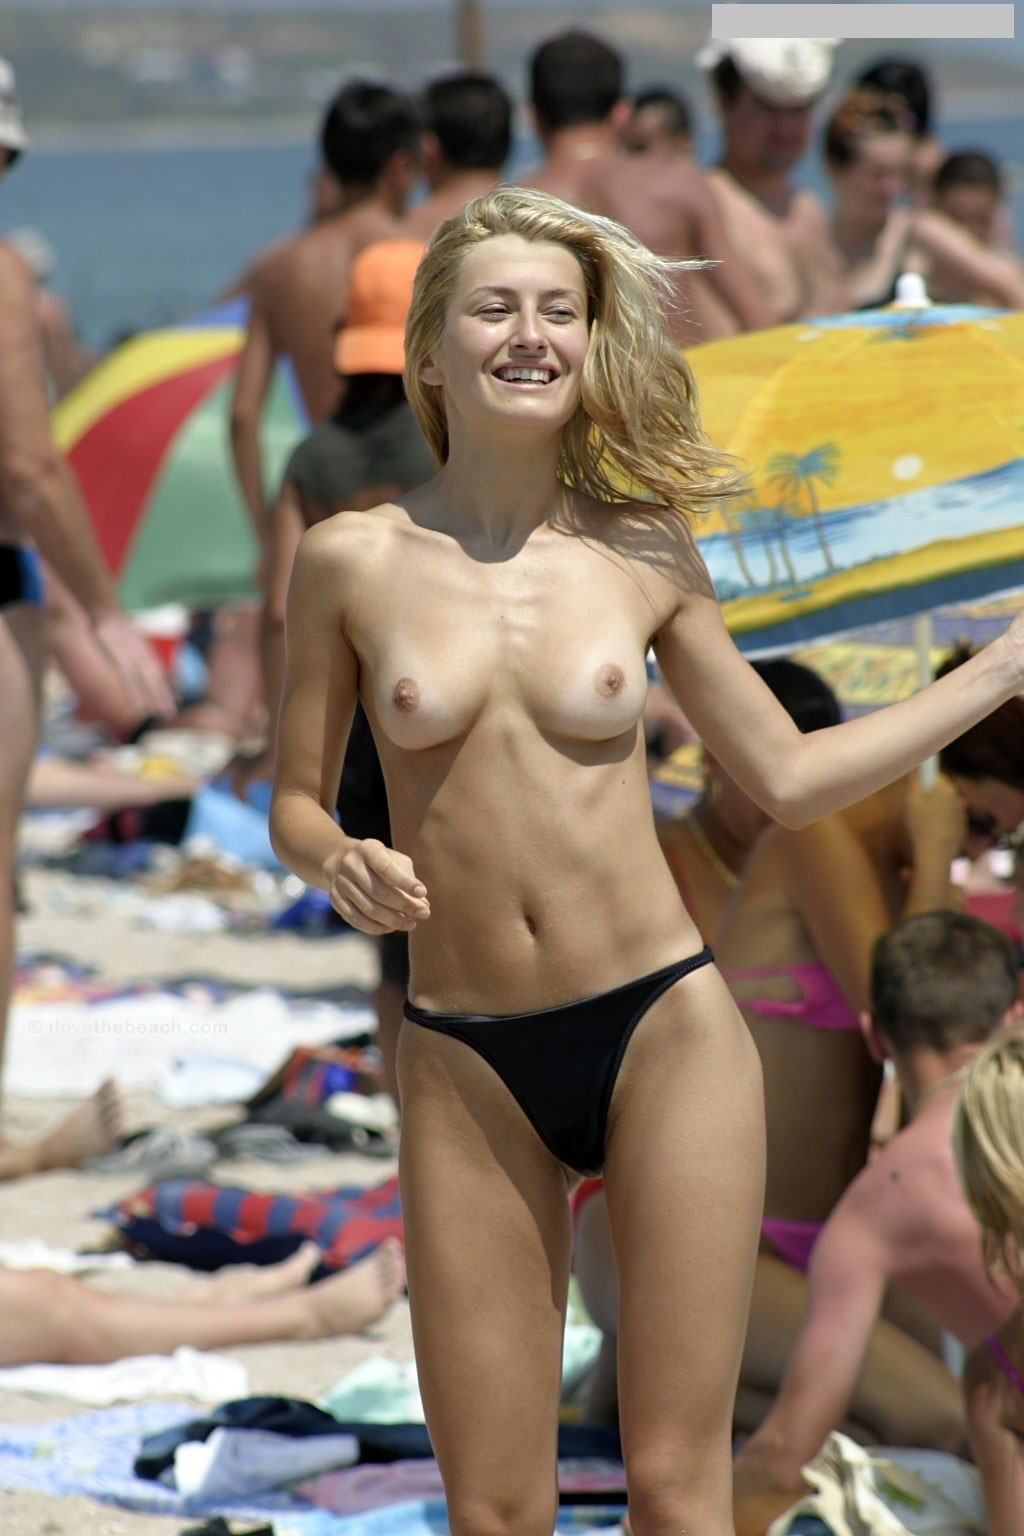 nudists-girls-boobs-beach-topless-mix-vol7-40